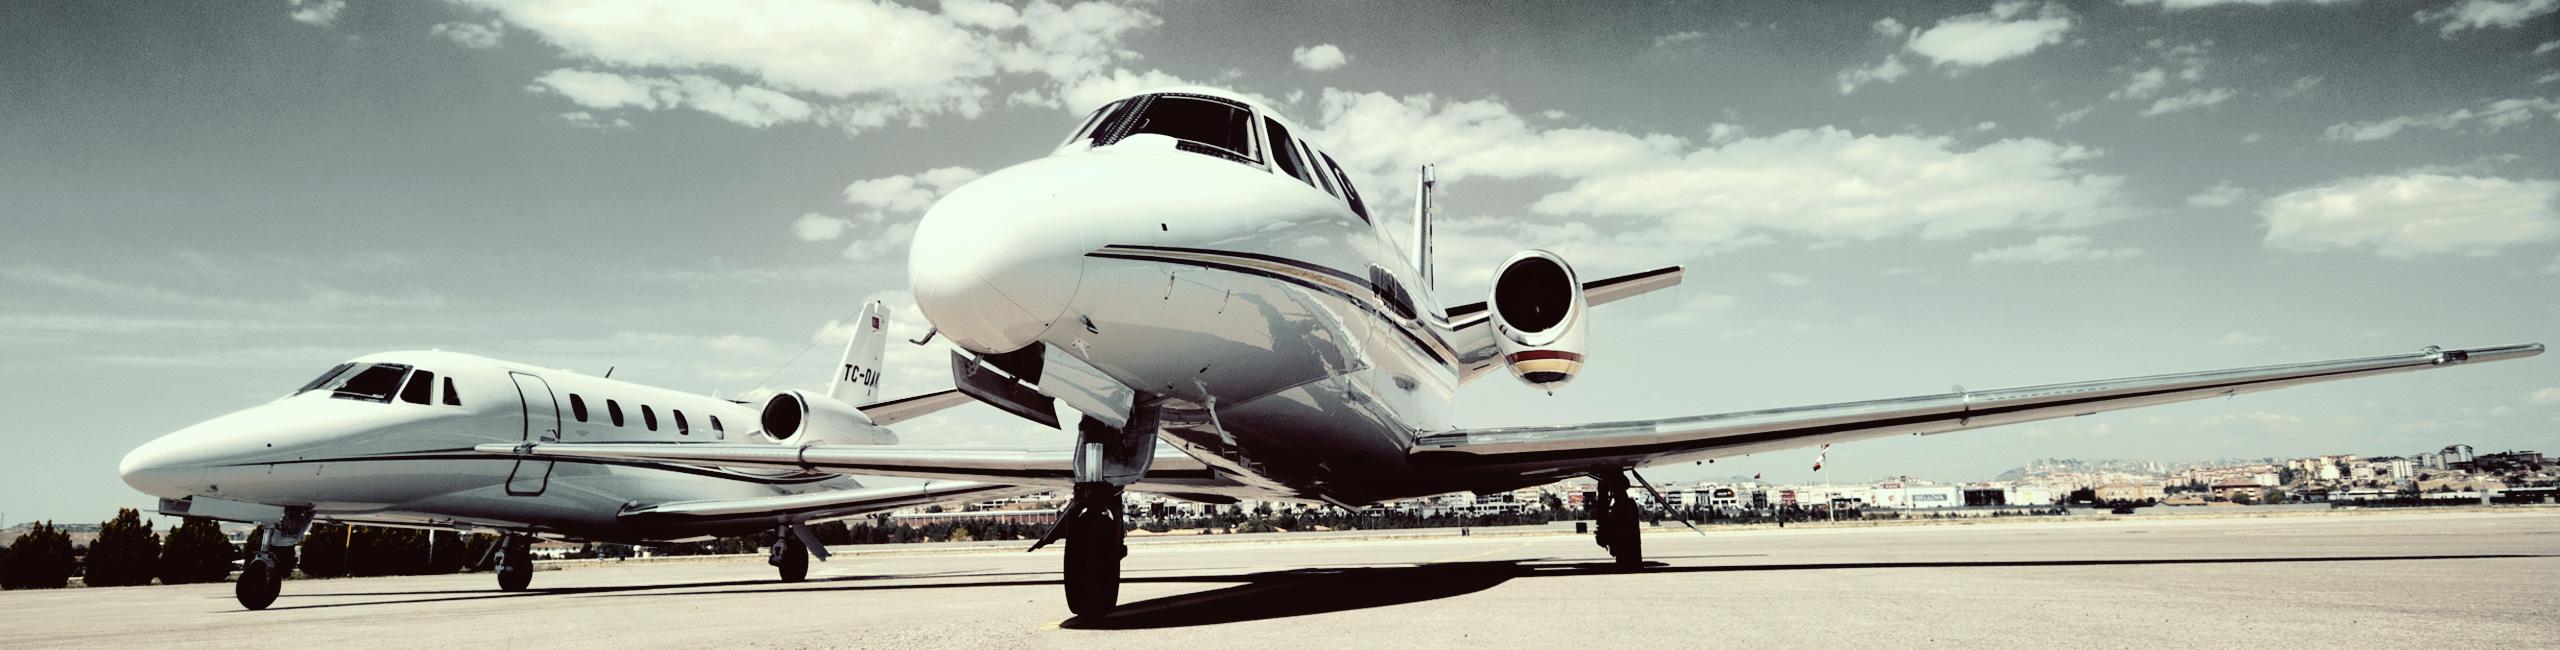 aviation consultancy g246k231en aviation